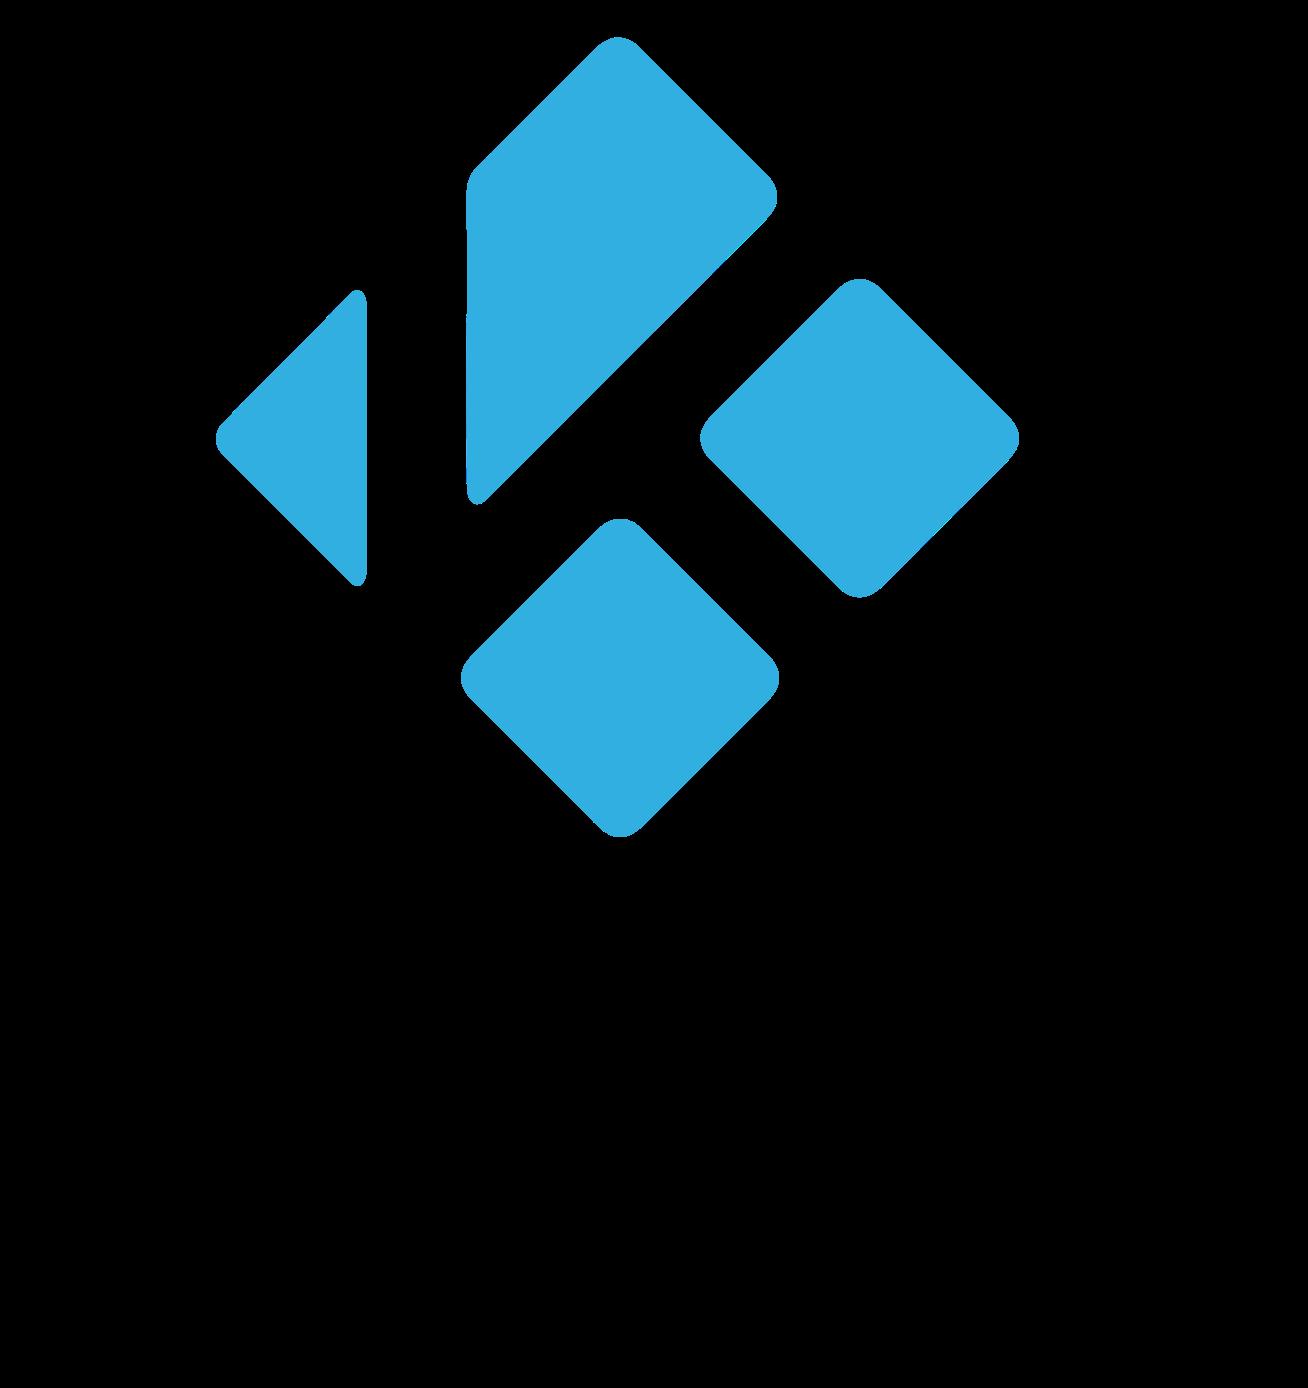 logo de kodi